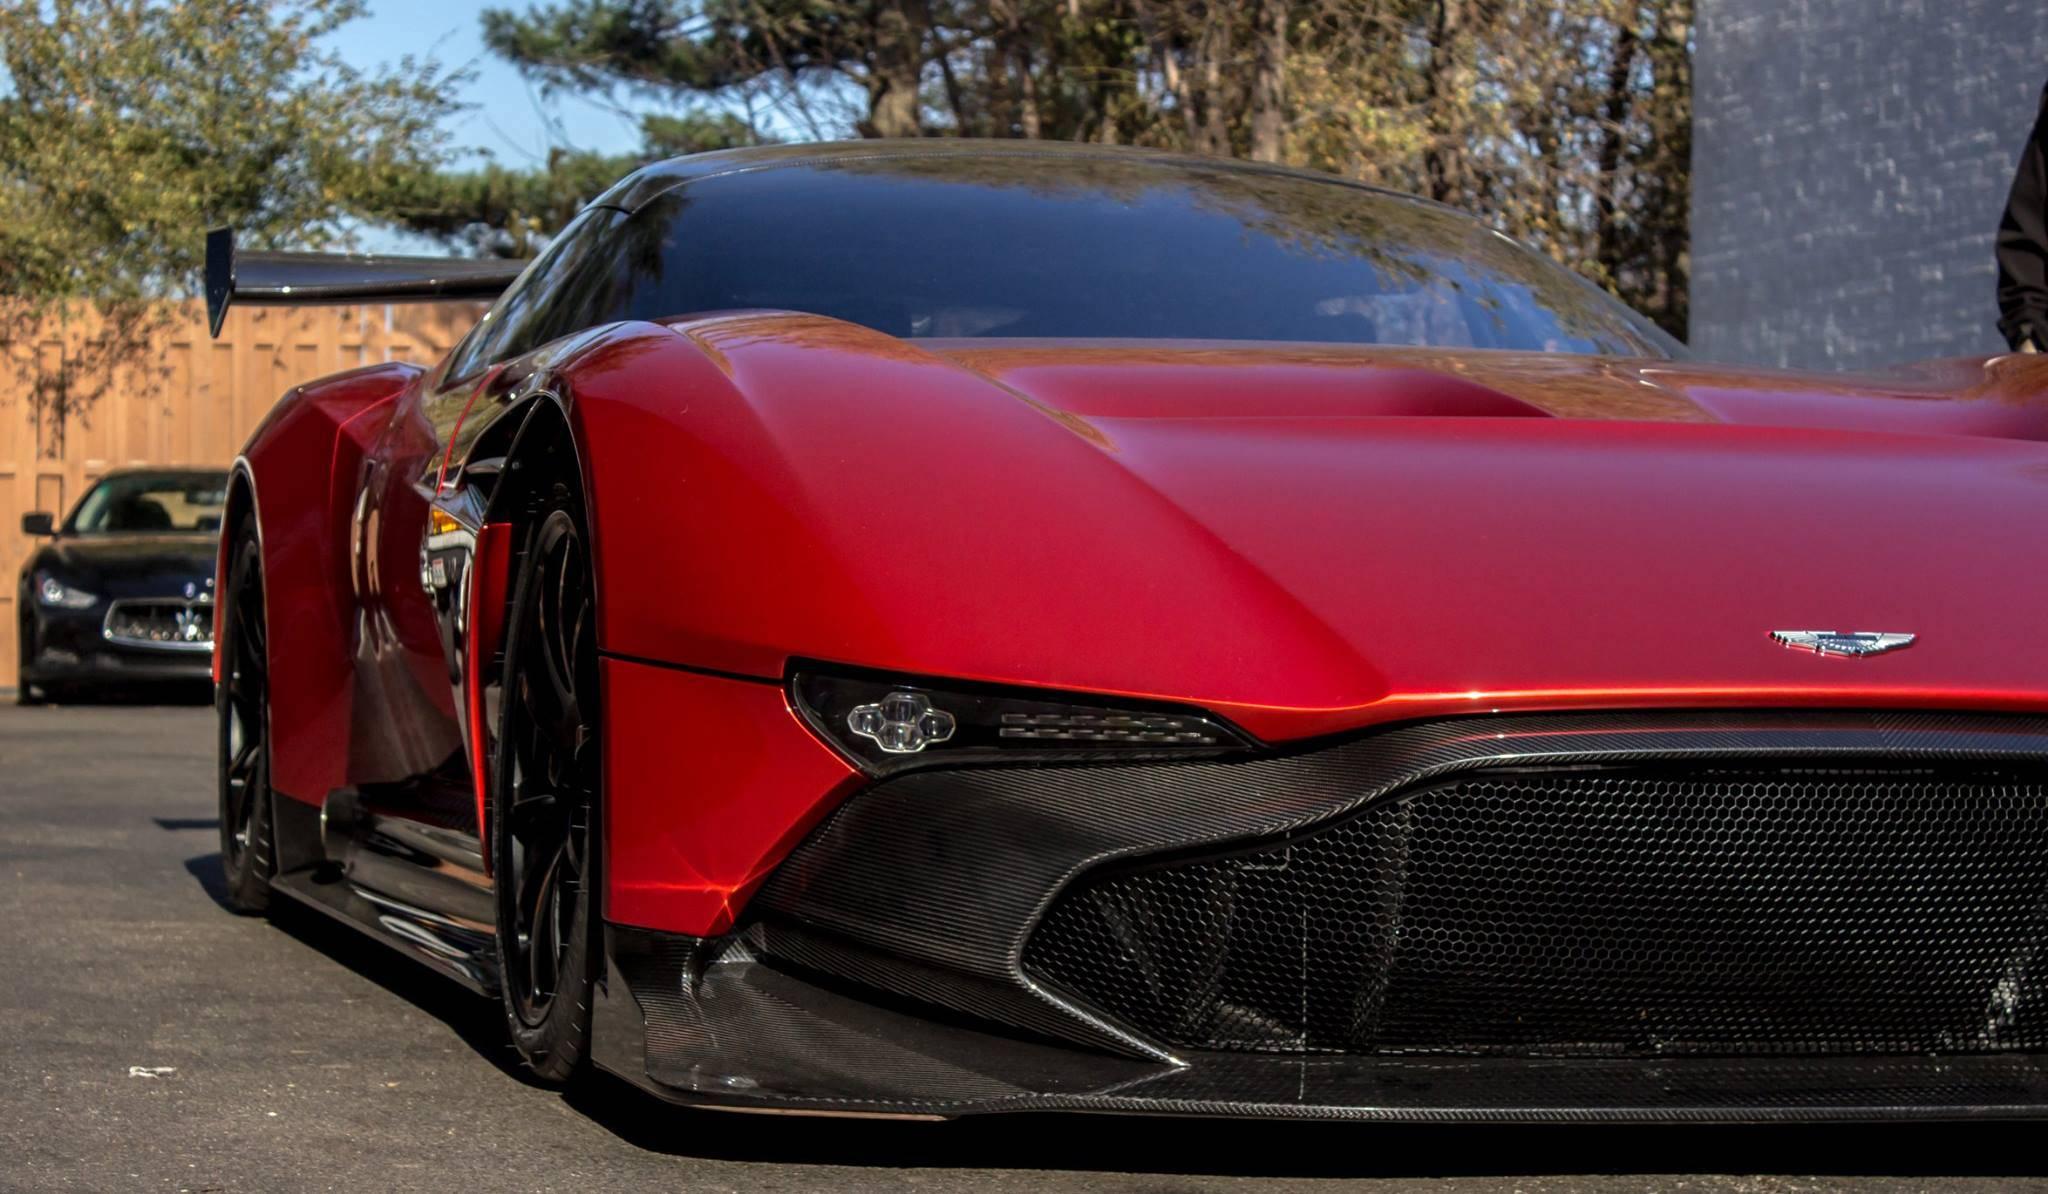 Британцы не раскрывают полных данных автомобиля. Известно, что семилитровый мотор V12 развивает более 811 л.с. На фото — первый заказанный экземпляр, добравшийся до США. Vulcan, aston martin, спорткар, суперкар